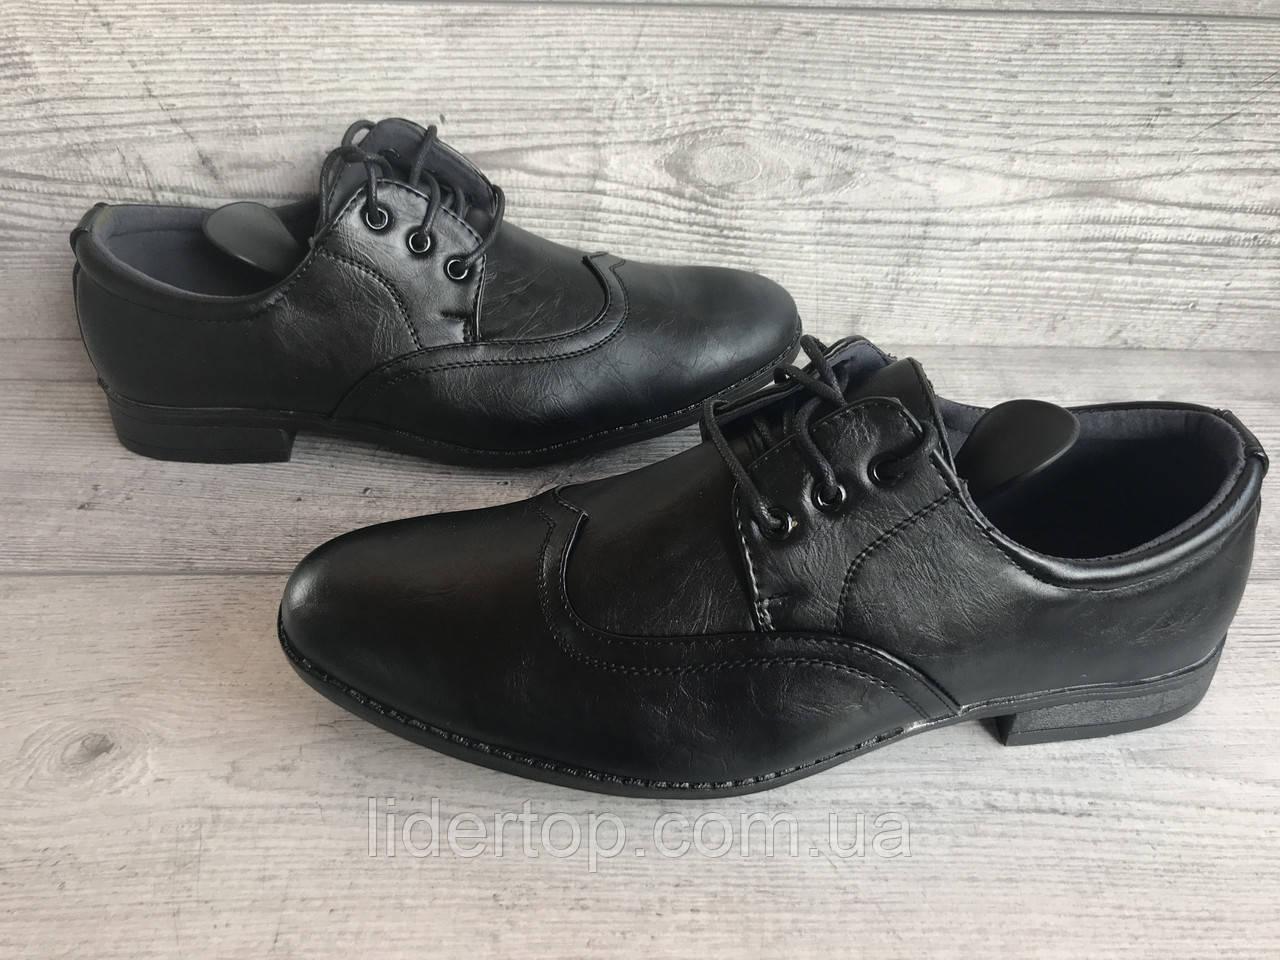 3128fecd7af530 Туфли Мужские FULI 40-45 р: продажа, цена в Белой Церкви. туфли ...